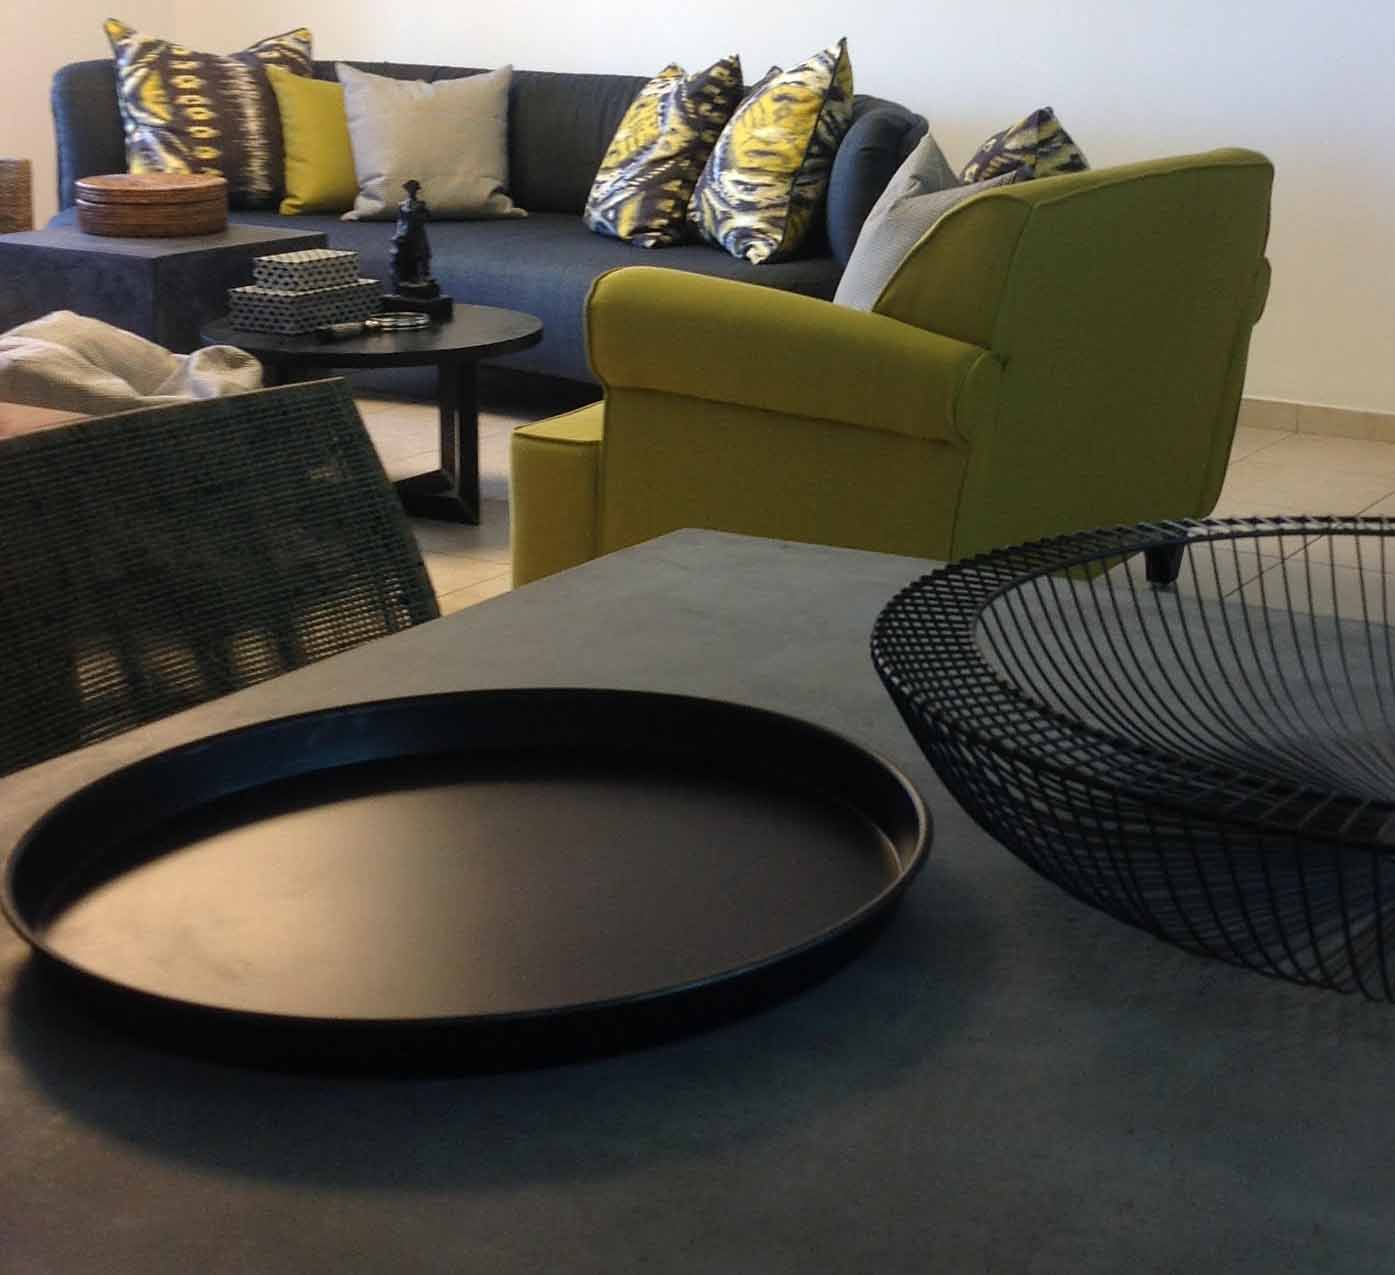 דירה בגבעתיים – מבט מפינת האוכל